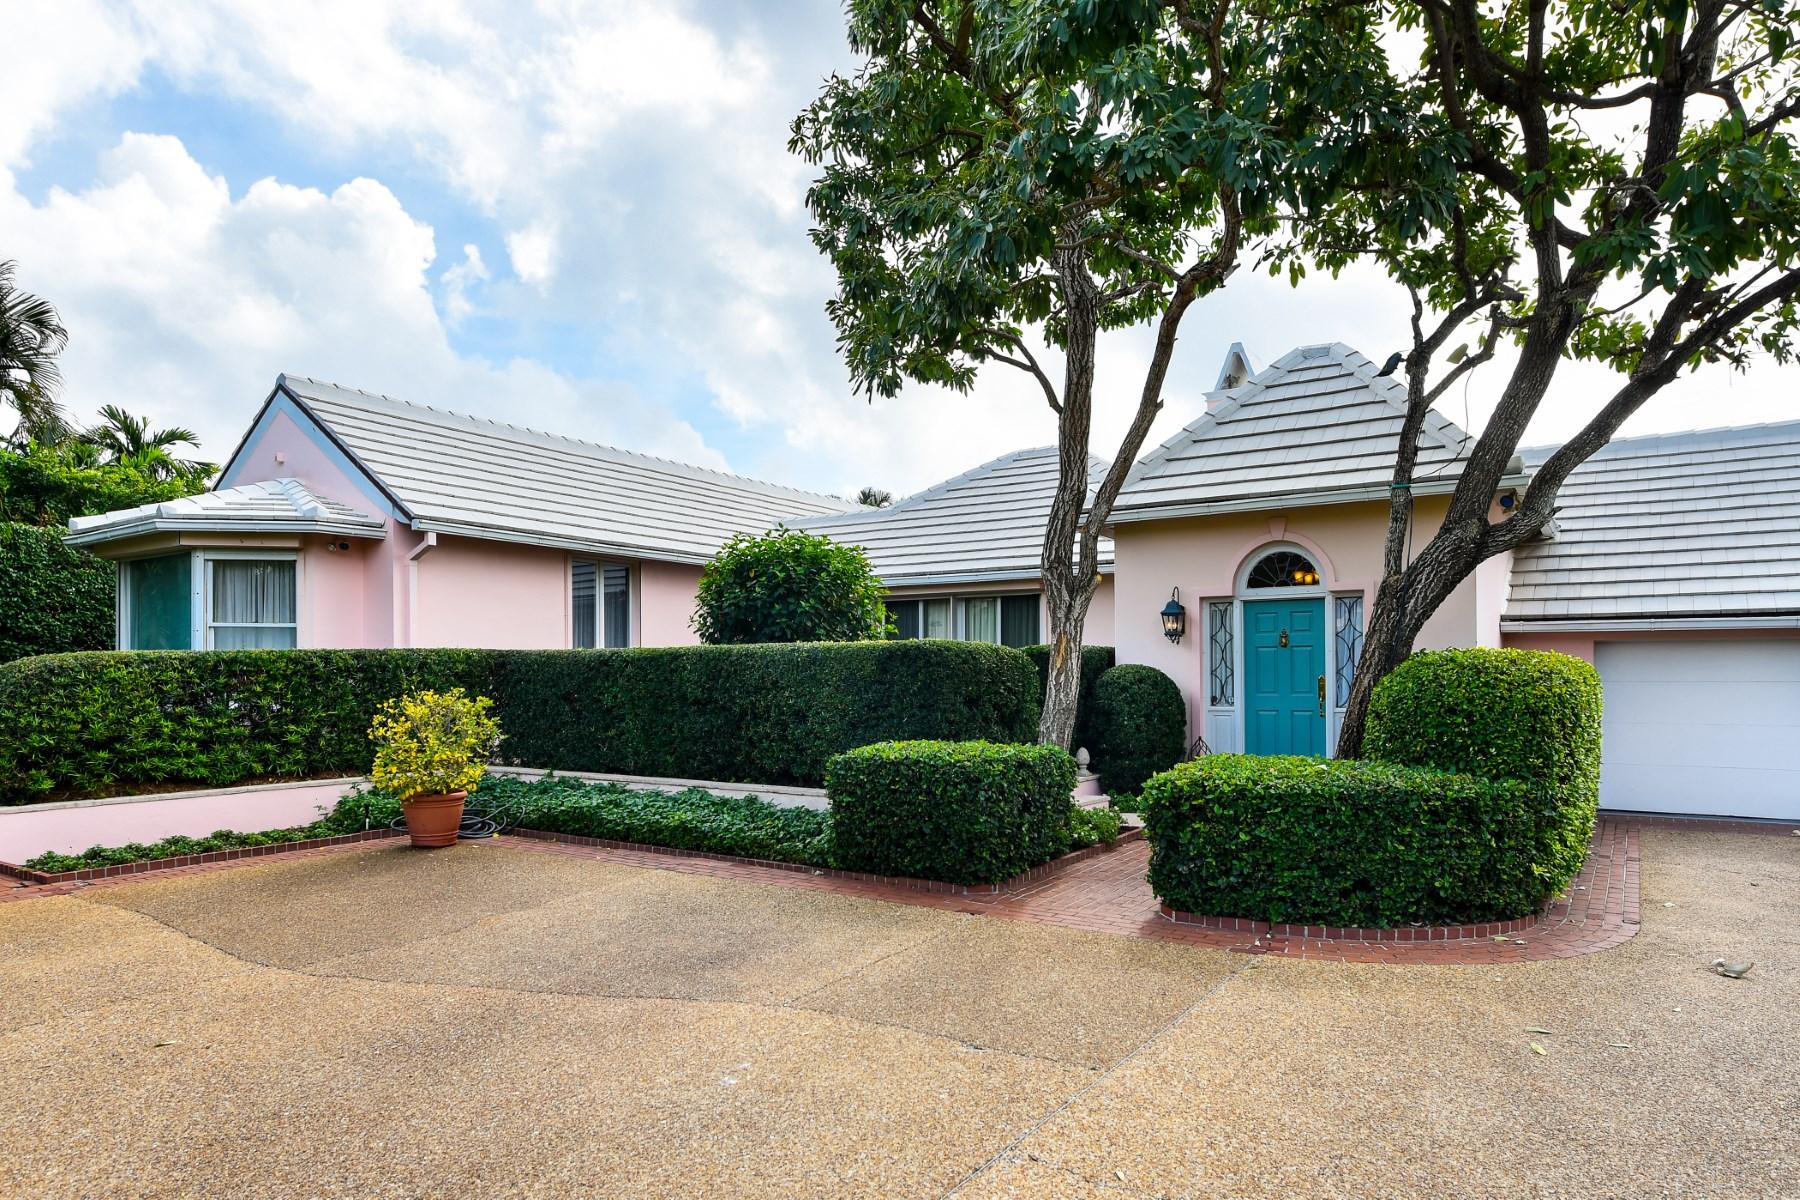 一戸建て のために 売買 アット Elegant North End Bermuda 232 Coral Ln North End, Palm Beach, フロリダ 33480 アメリカ合衆国